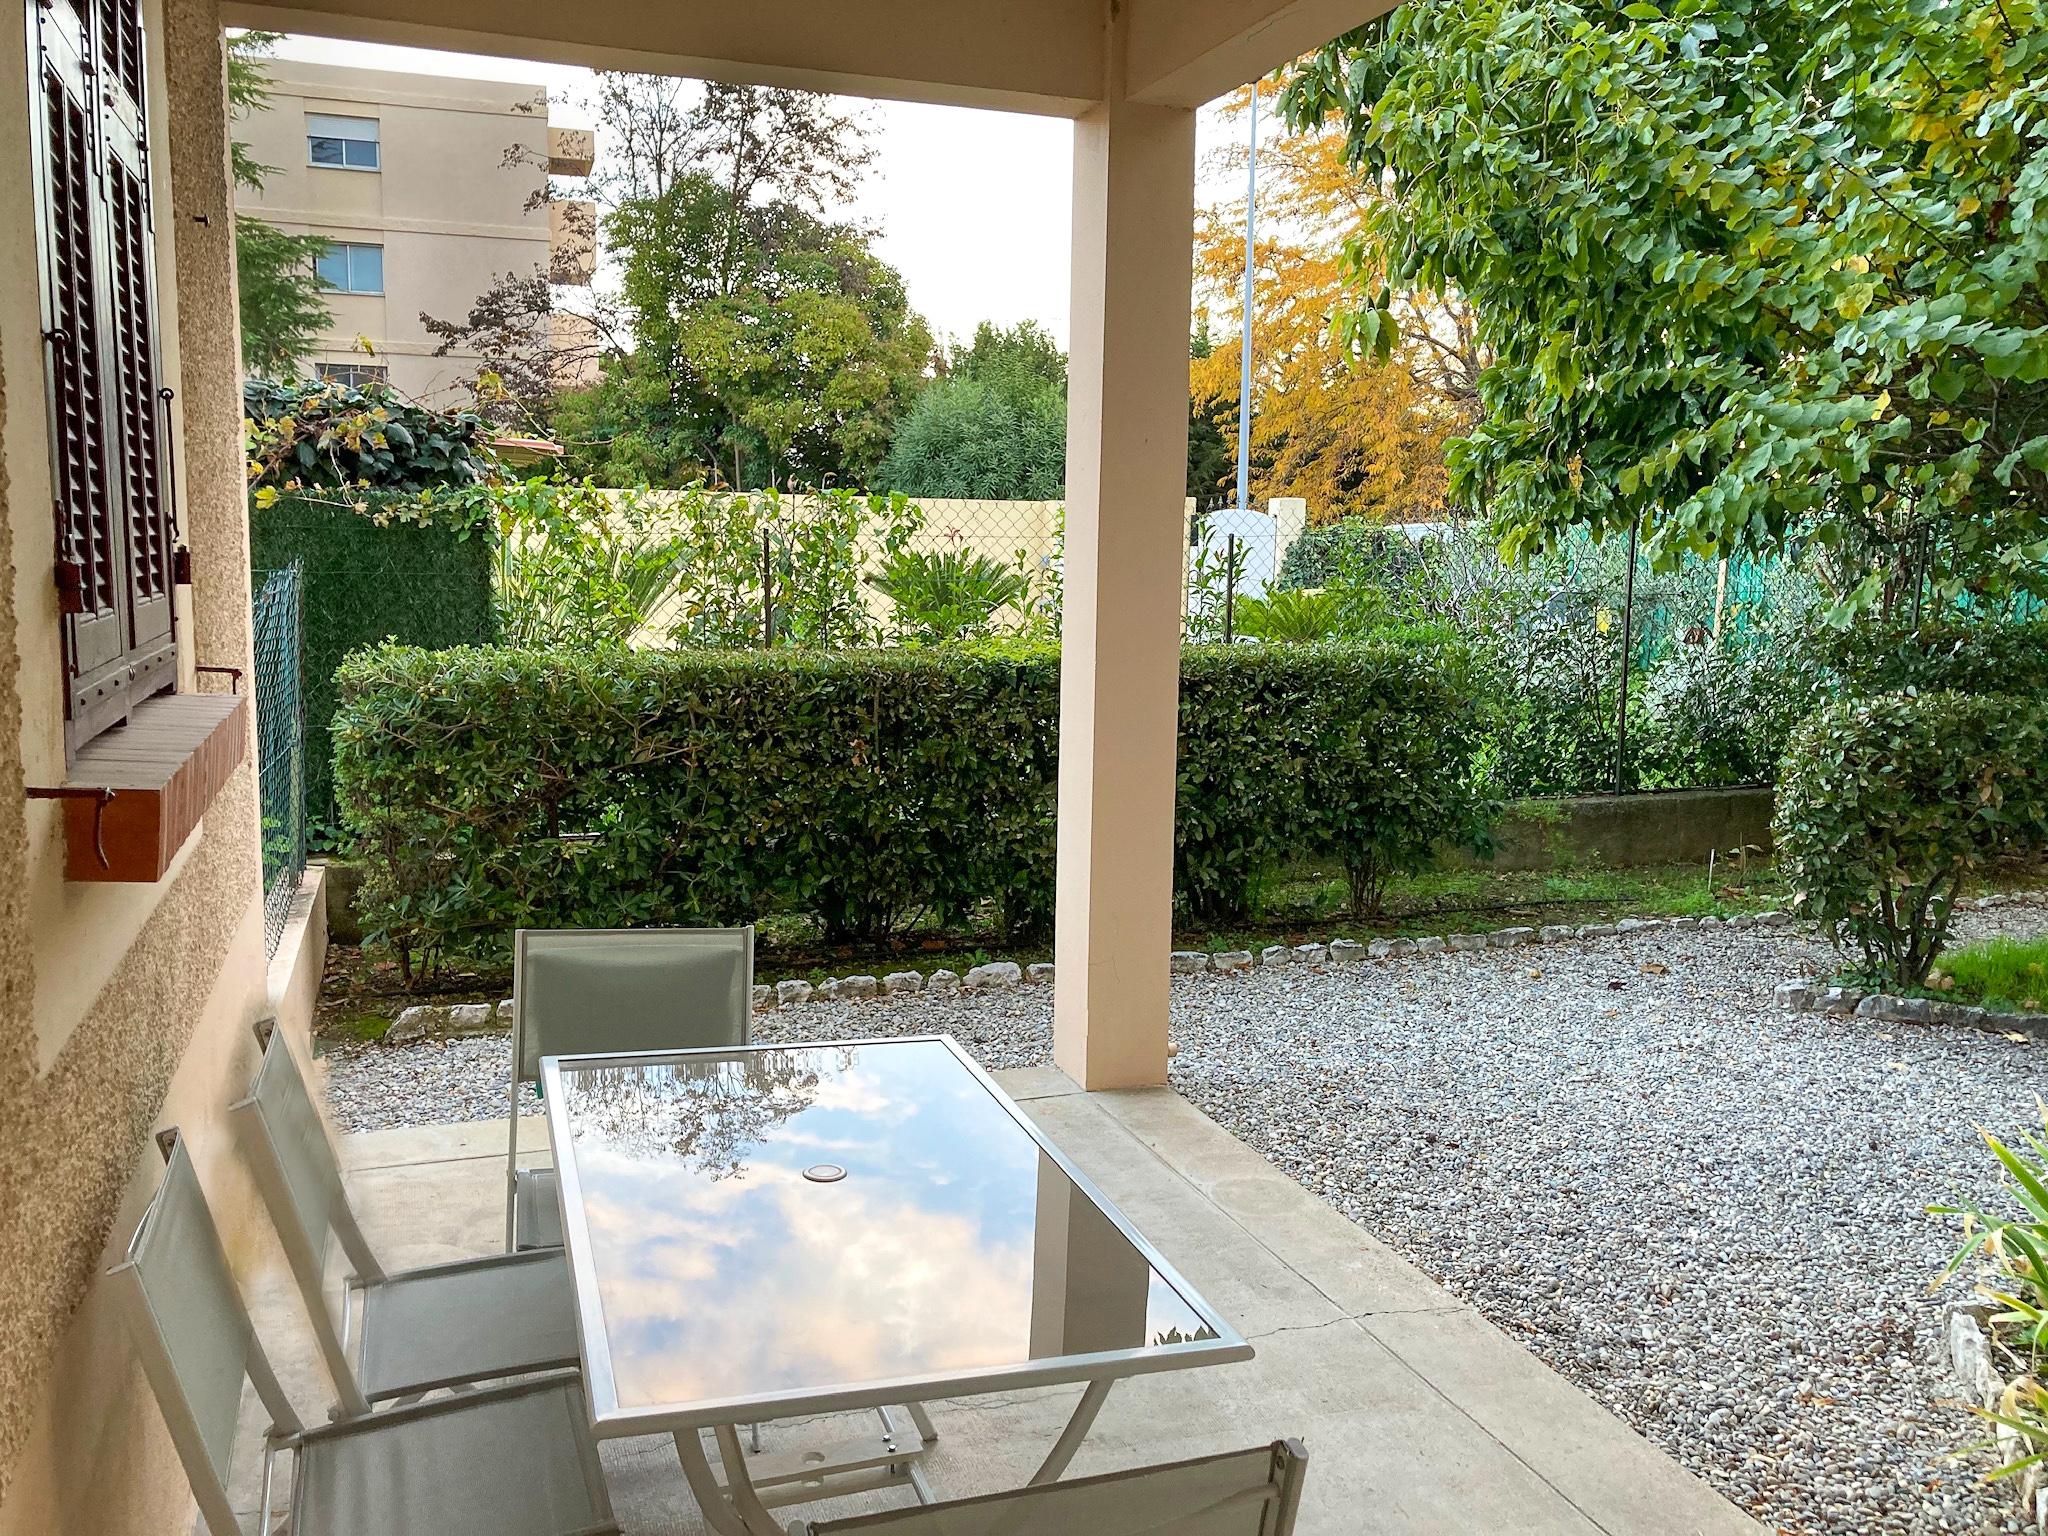 Location – Studio Meublé Rdc Villa – Cagnes-sur-mer